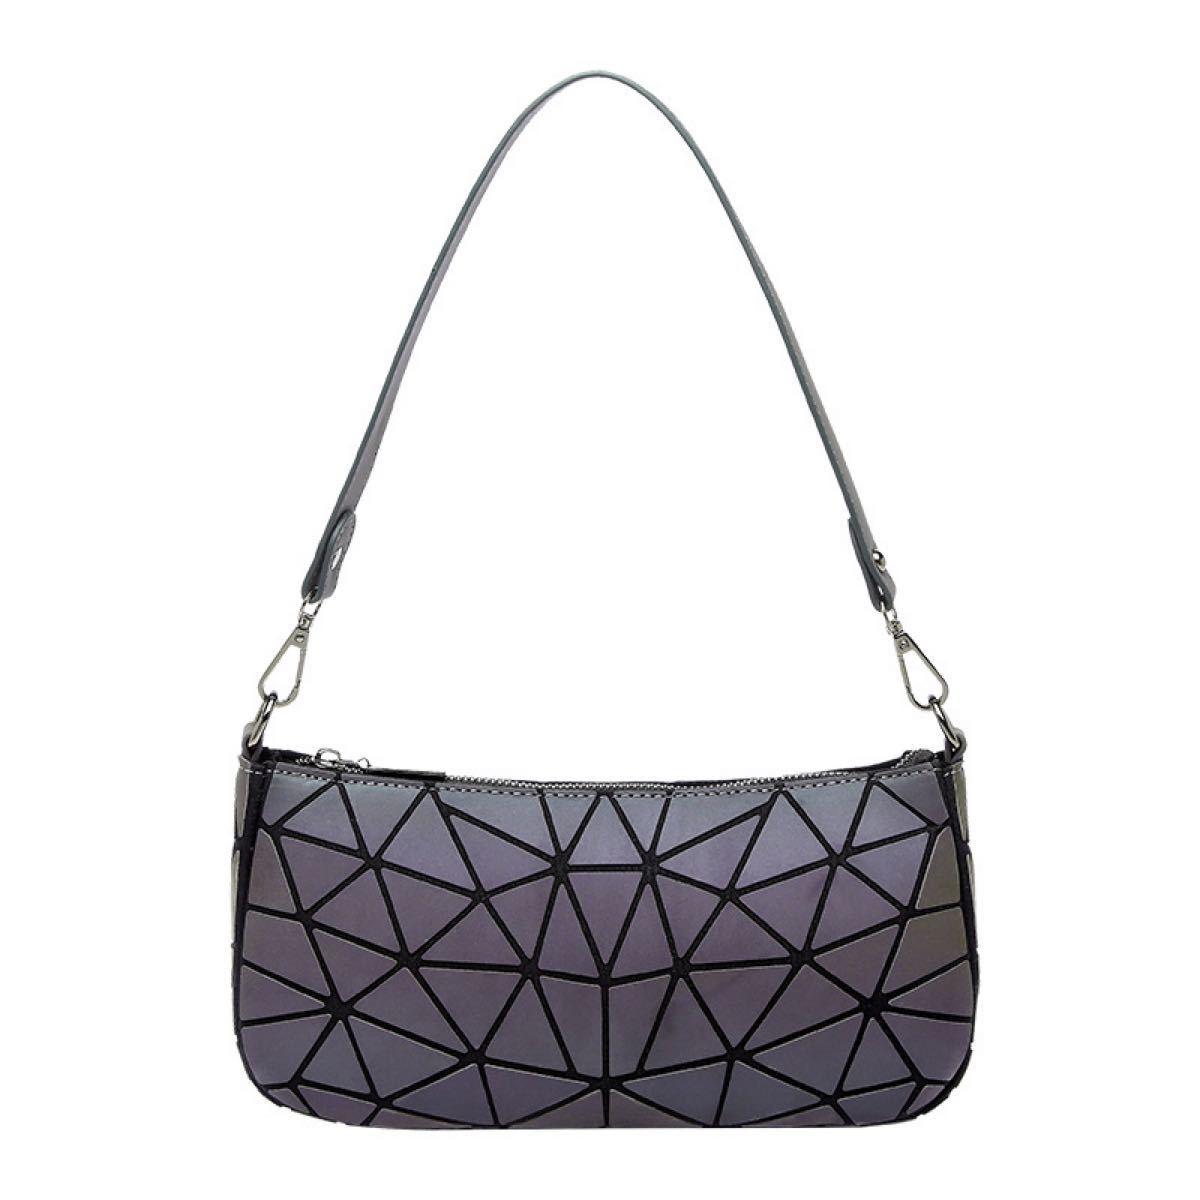 ショルダーバッグ トートバッグ 肩掛けバック レディースバッグ 幾何学模様 高品質 2wayバッグ ブラック